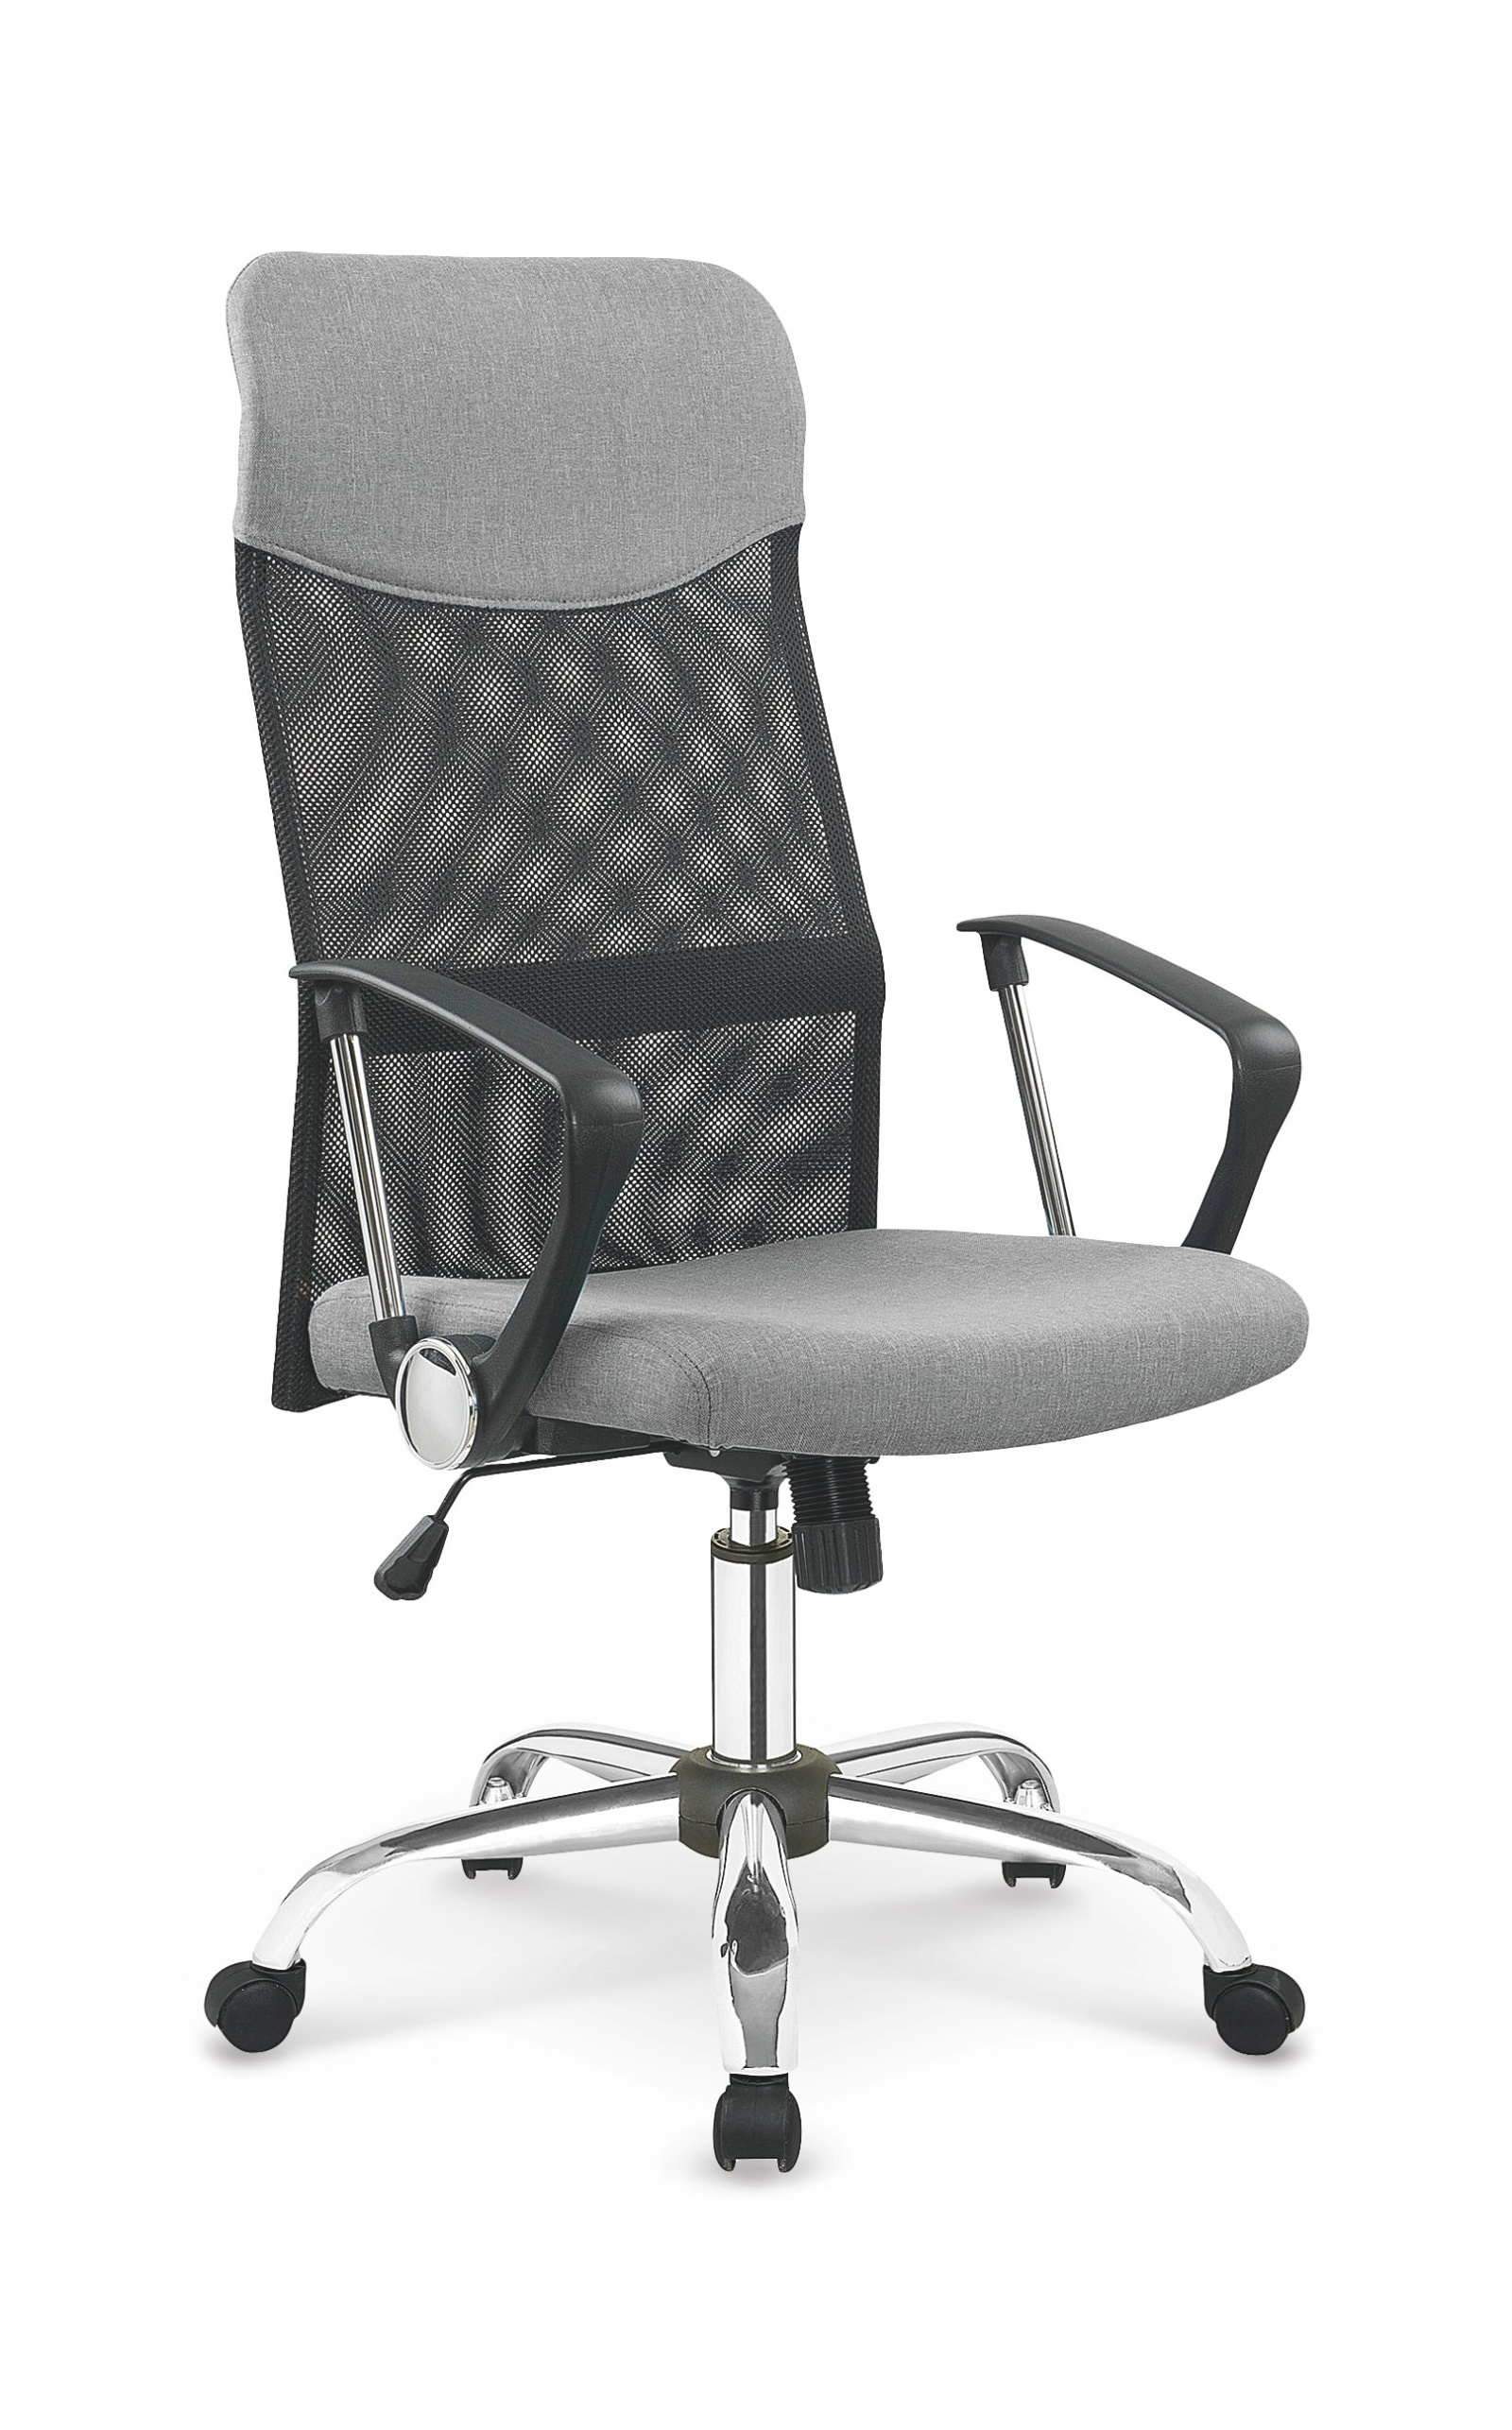 Smartshop Kancelářská židle VIRE 2, šedá